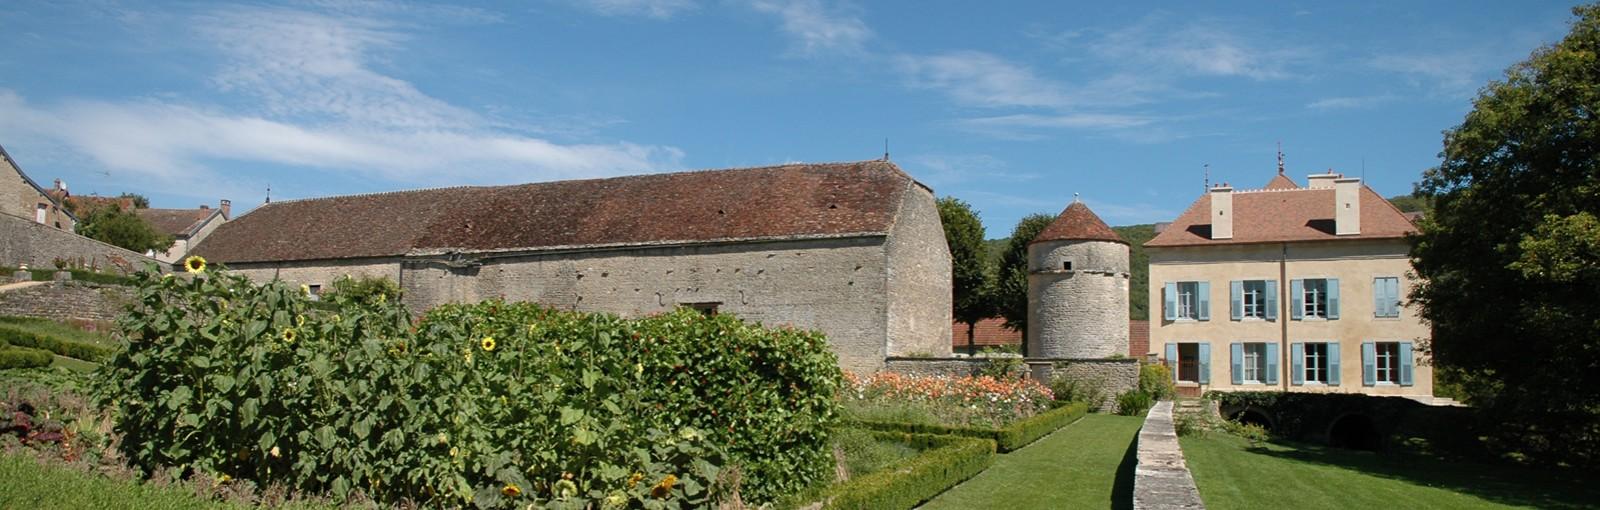 Bourgogne - Château privé recevant des hôtes